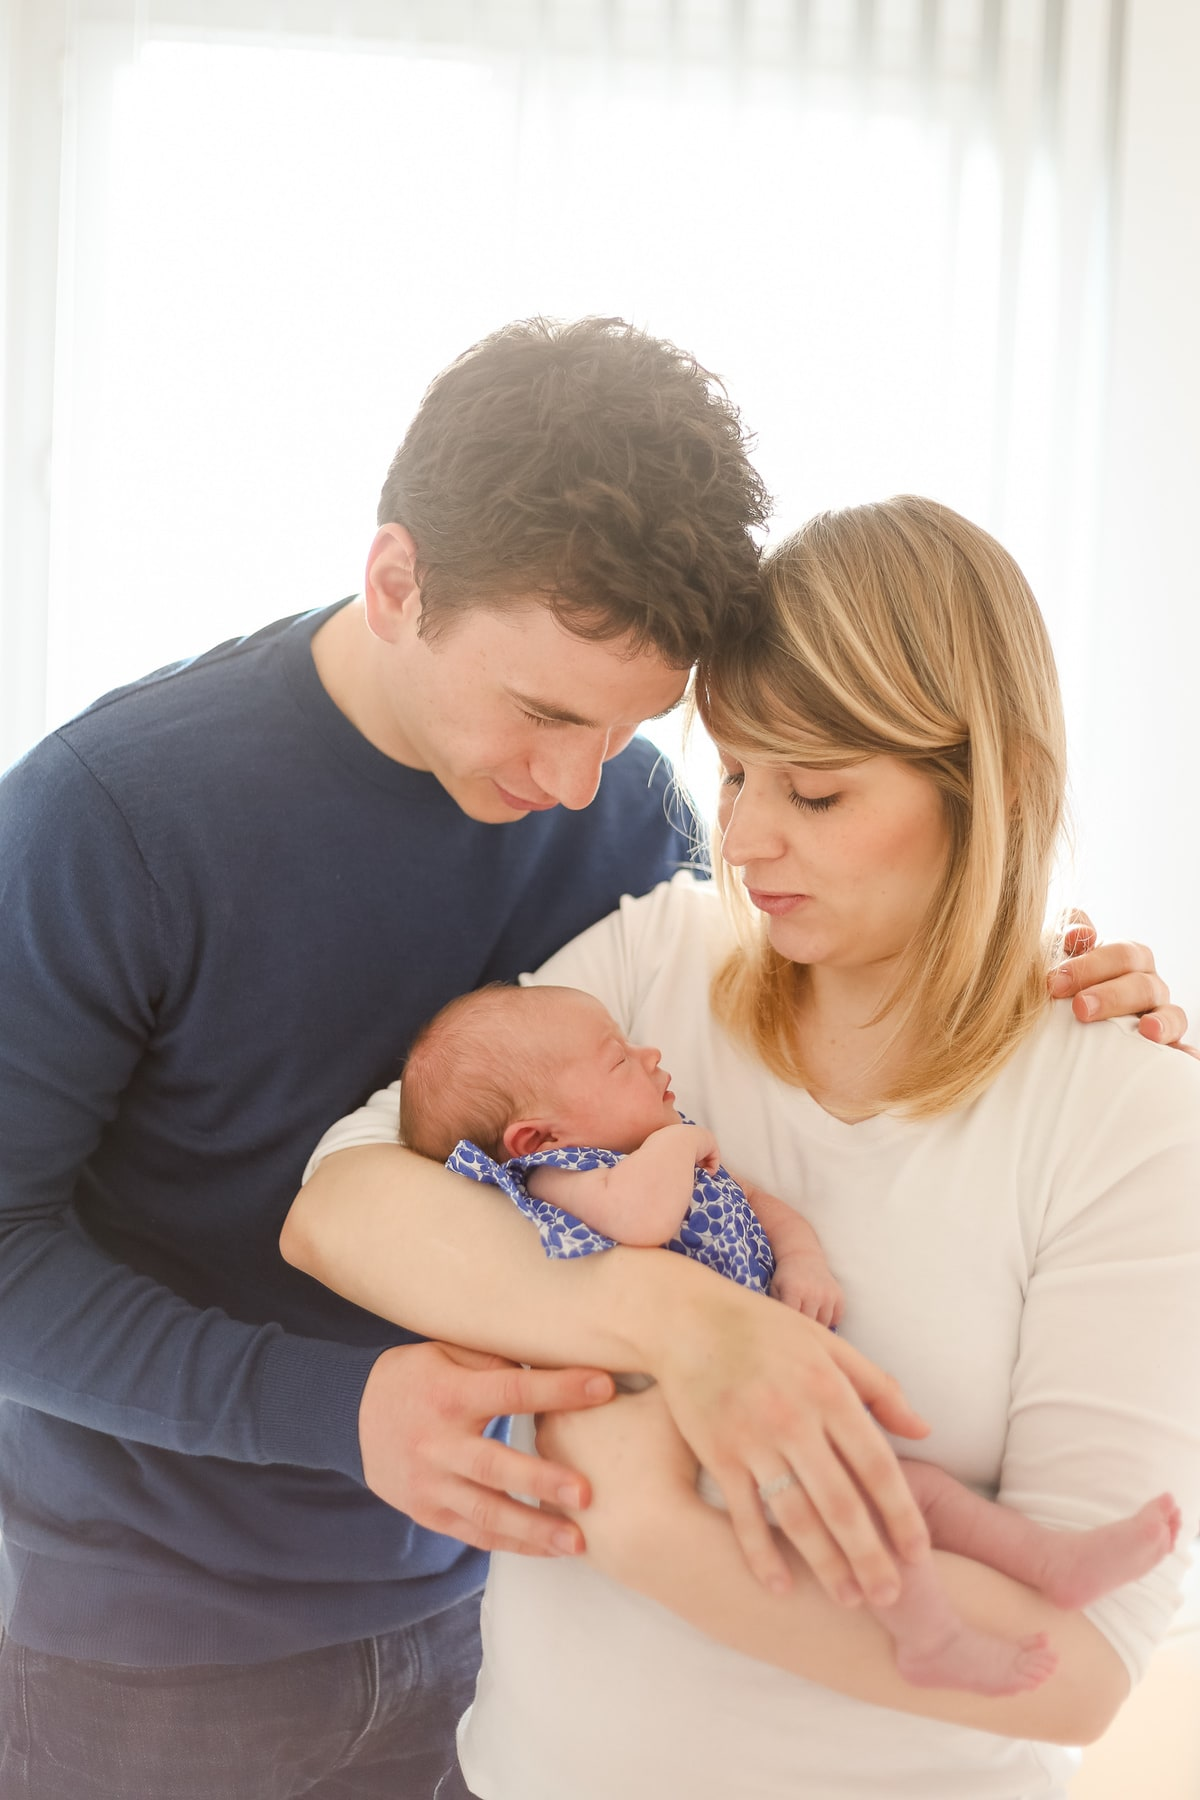 Photographie de portrait de famille avec un nouveau né. Papa enlace maman qui tient bébé dans ses bras